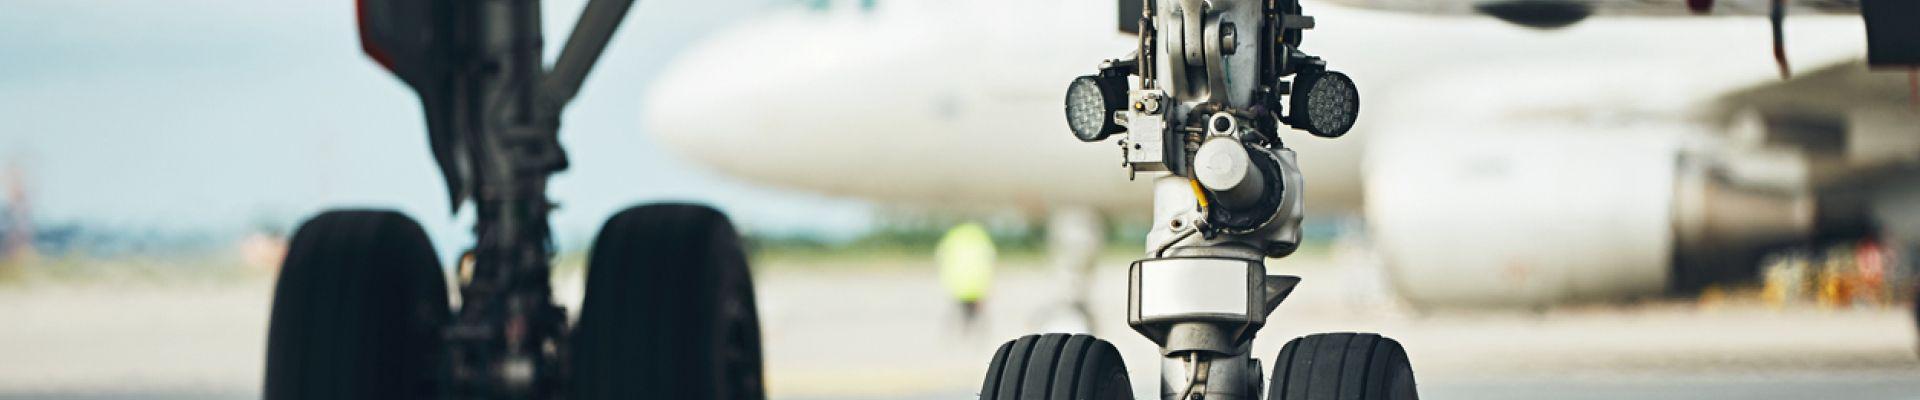 Mechanische Hochleistungsteile für die Luft- und Raumfahrt